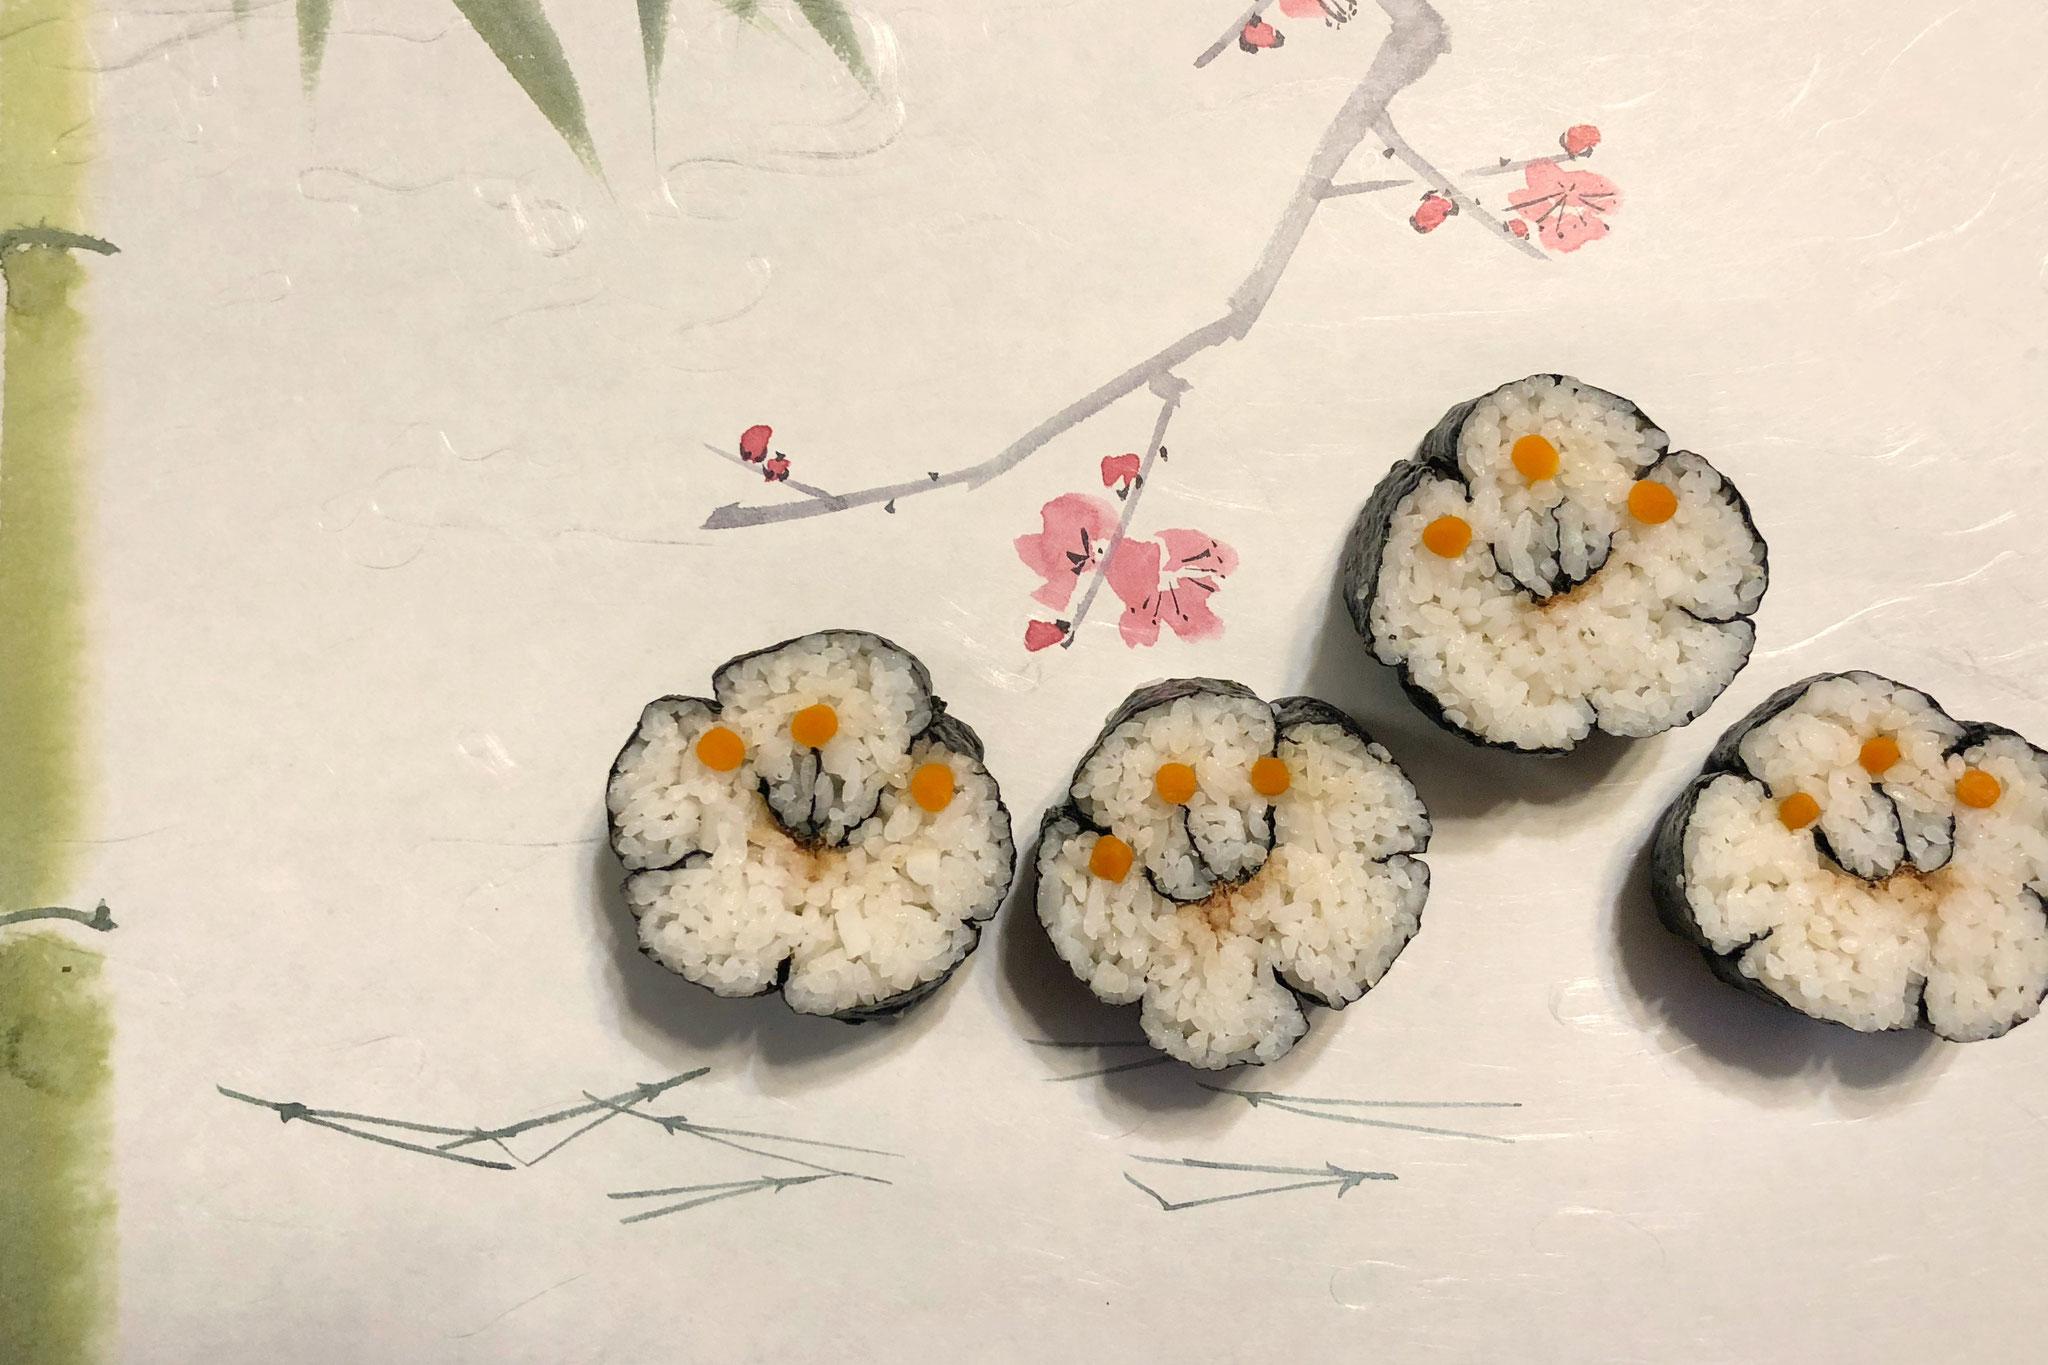 「梅巻き」秋山商店さんの鰹節と大根なますが入ってます。